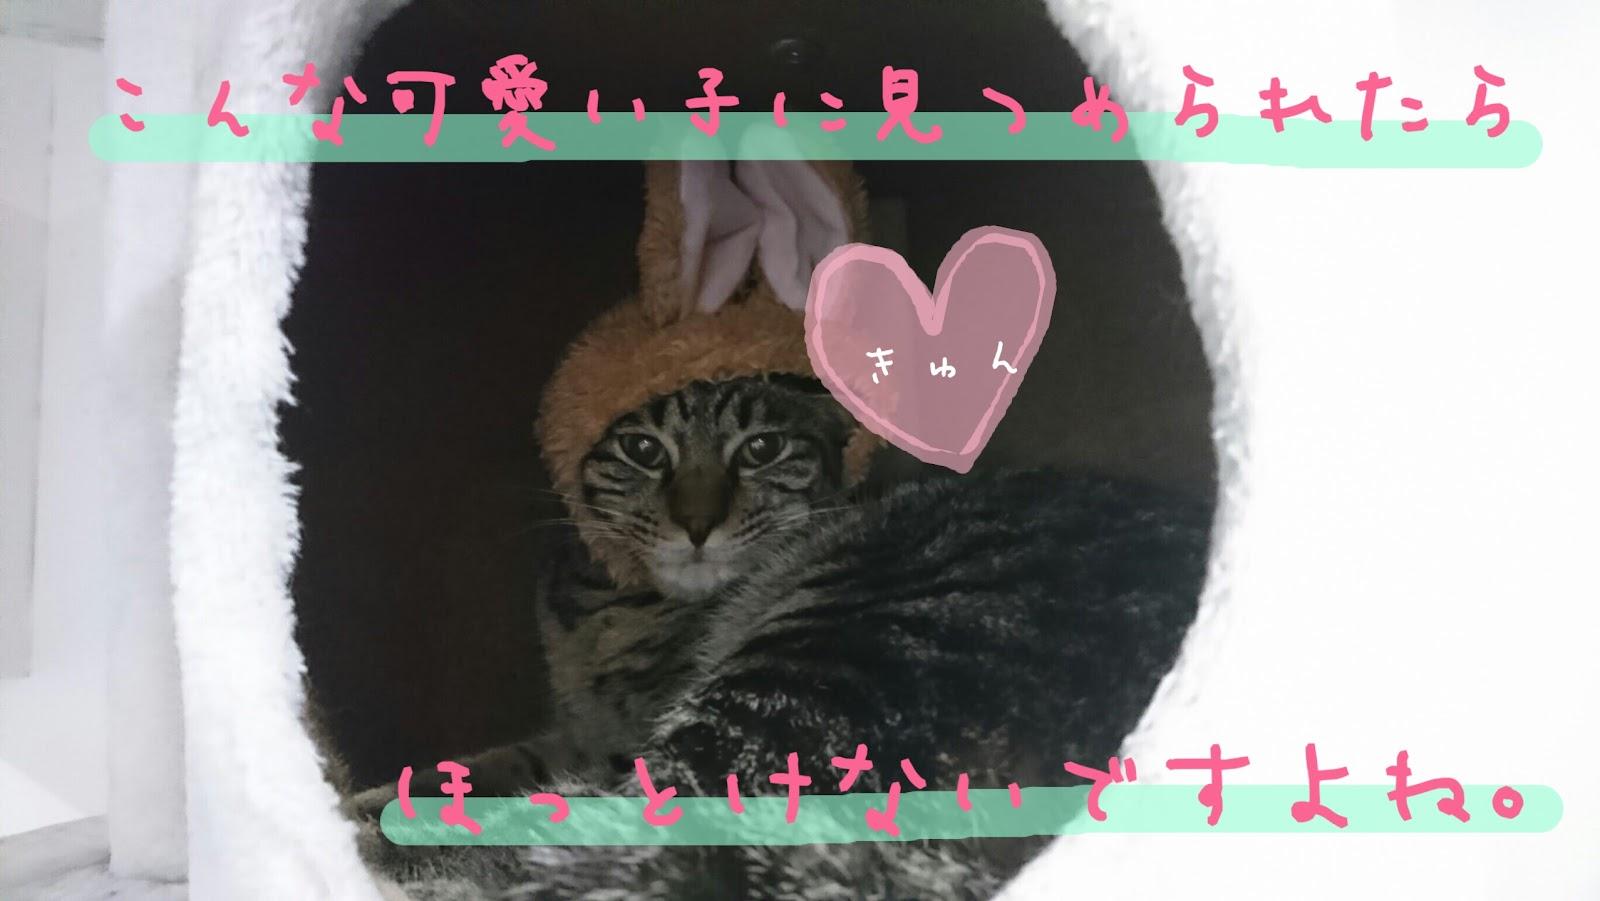 野良猫の保護でブログ SNSが炎上!猫を助けたいと善意で起こした行動に批判殺到